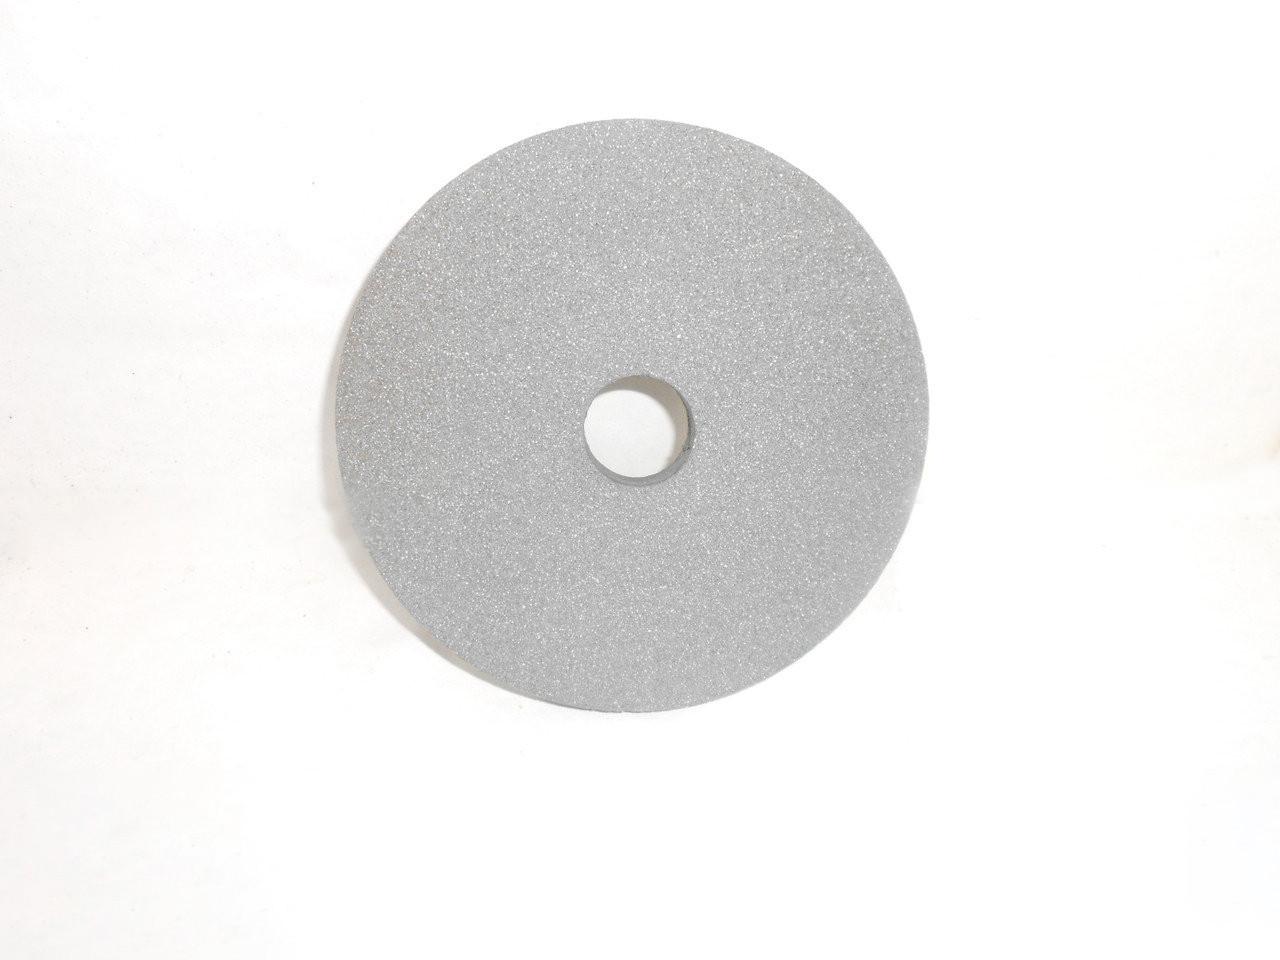 Круг шлифовальный 14А ПП 250х20х76  12-40 СМ-СТ